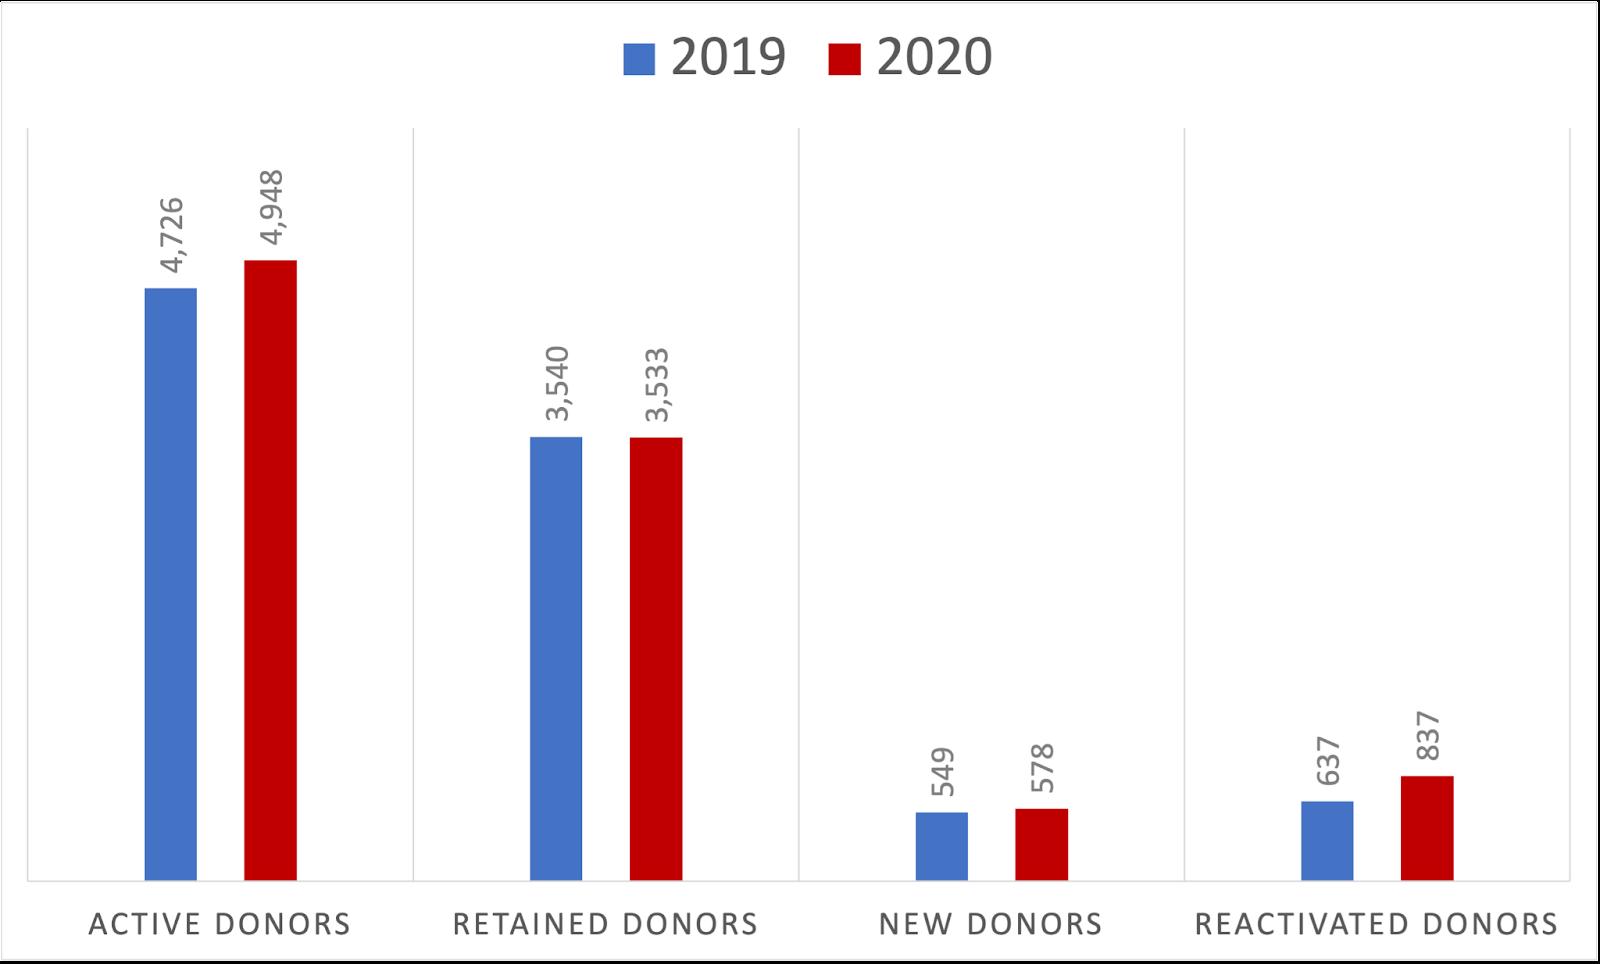 Bar graph comparing 2019 and 2020 membership data